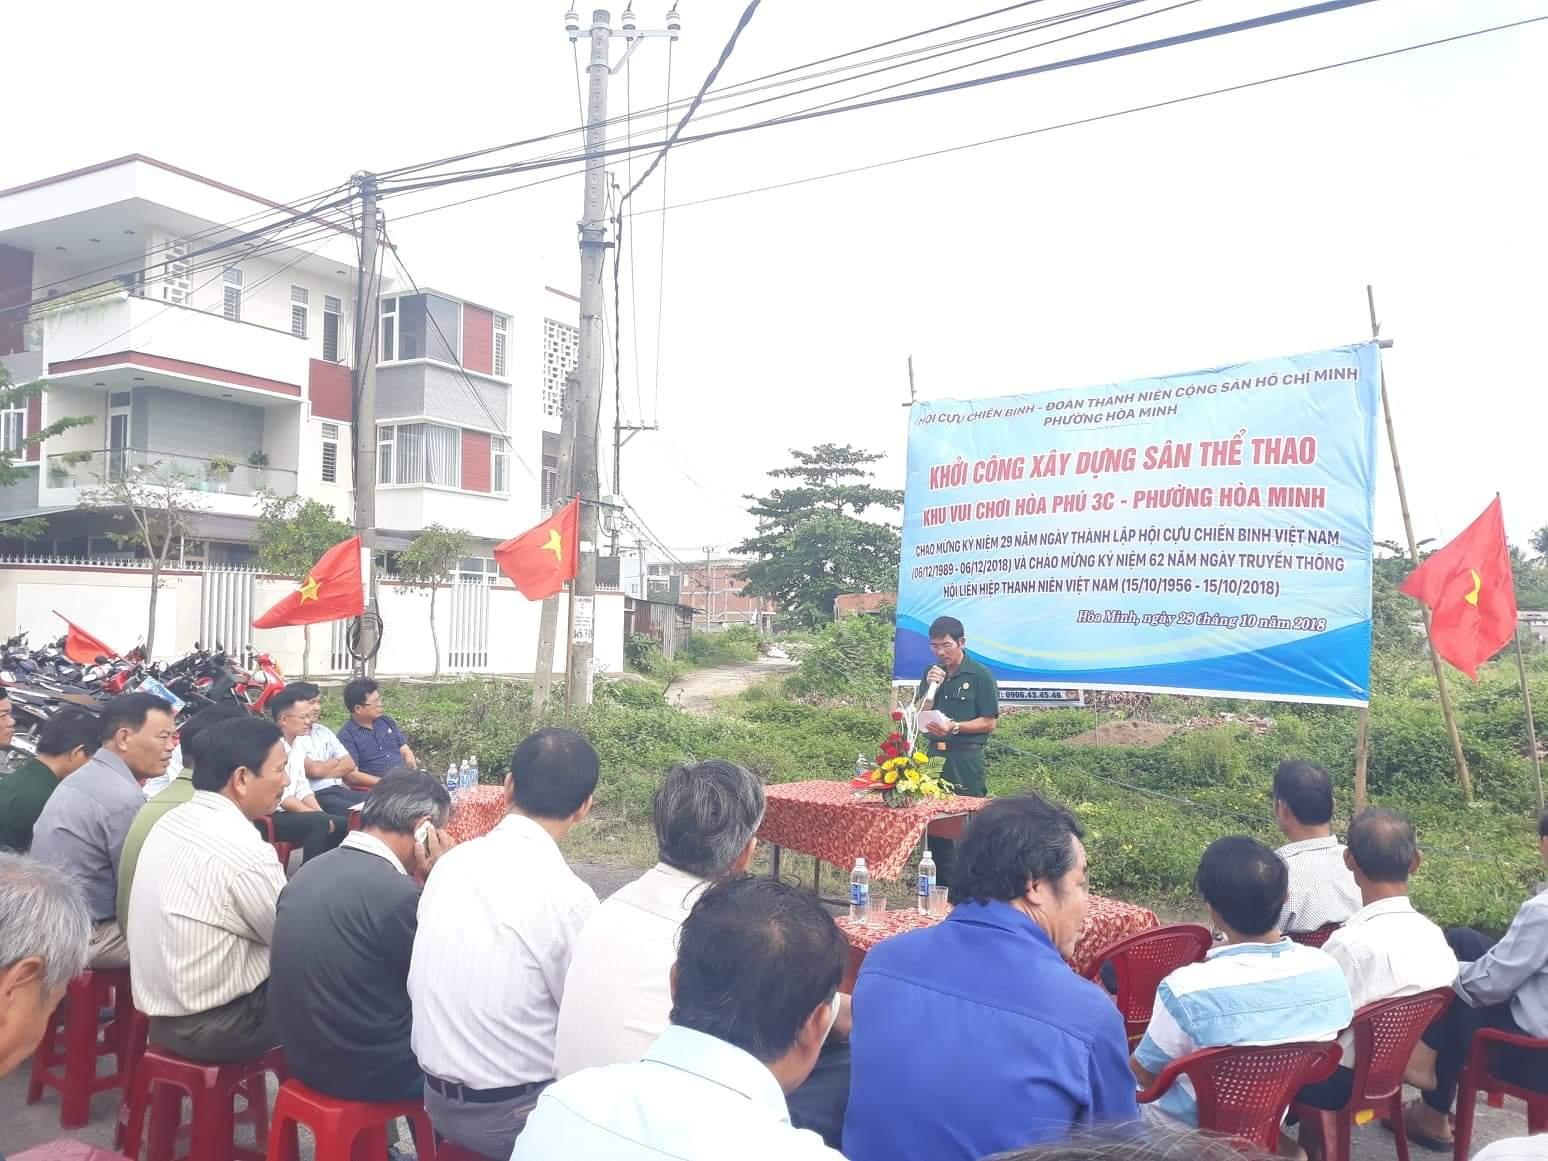 Hòa Minh tổ chức Lễ khởi công xây dựng công trình sân thể thao - khu vui chơi 2018